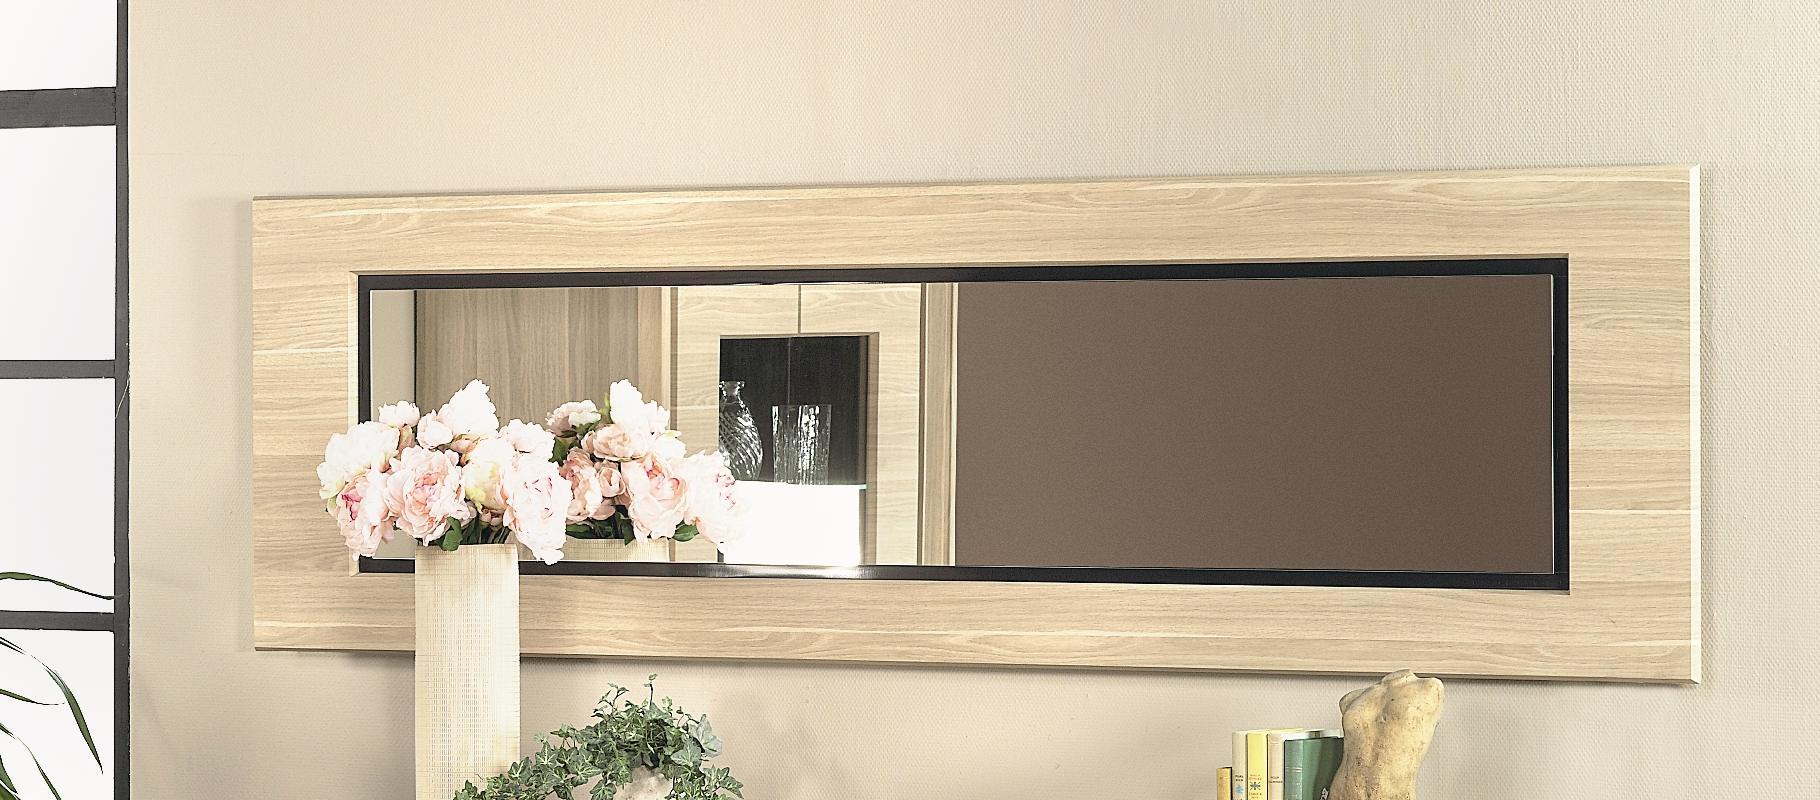 Miroir rectangulaire contemporain coloris détroit Joelle